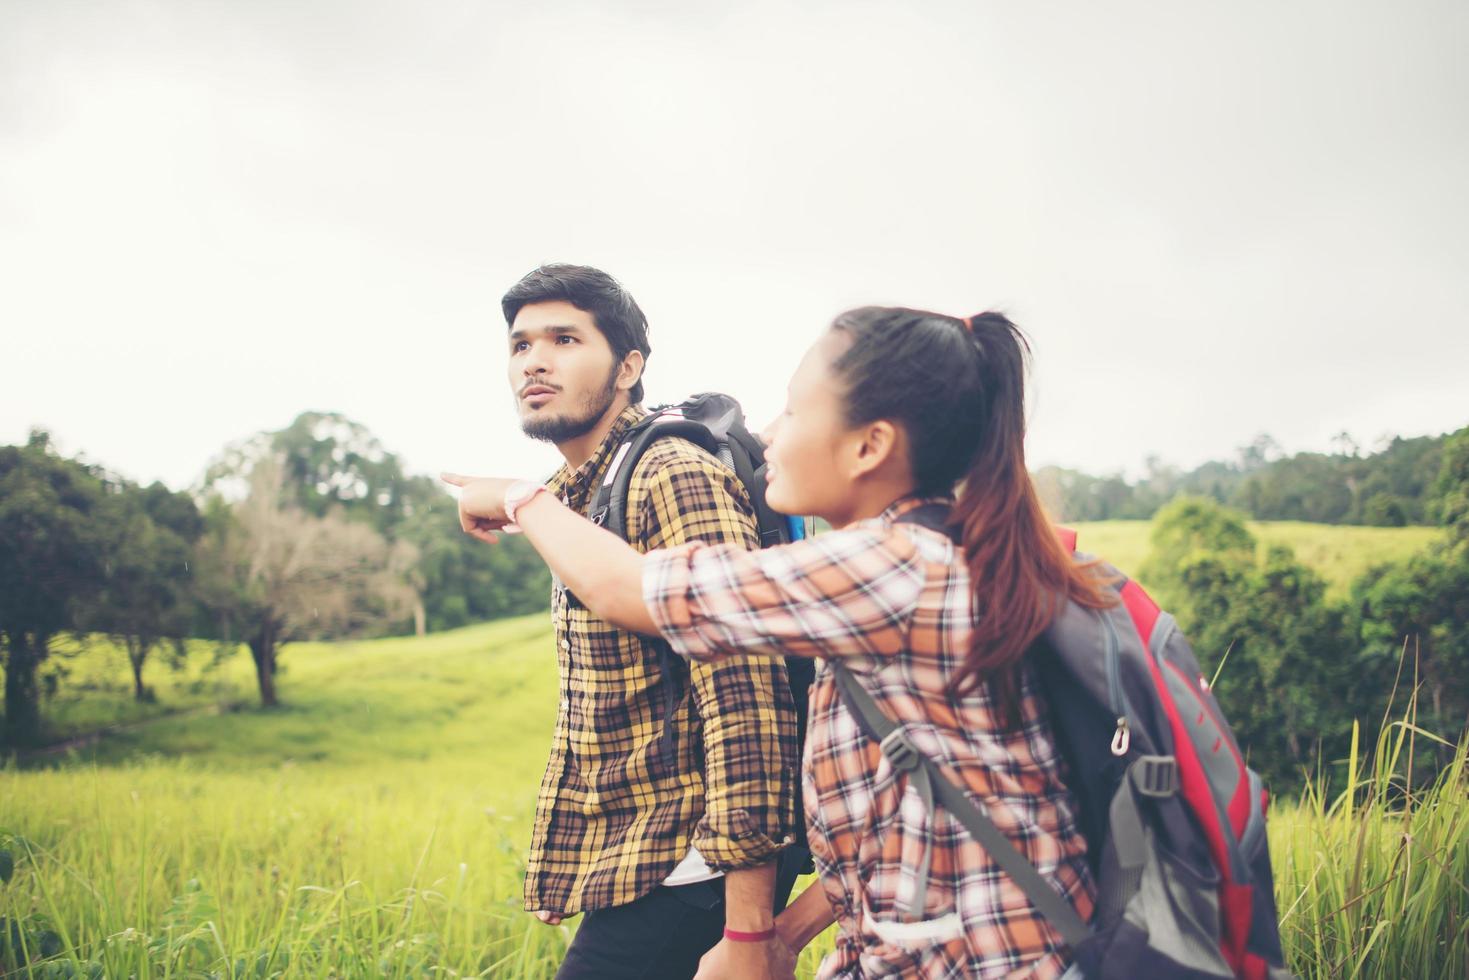 Portrait d'un jeune couple heureux marchant sur un voyage de randonnée photo